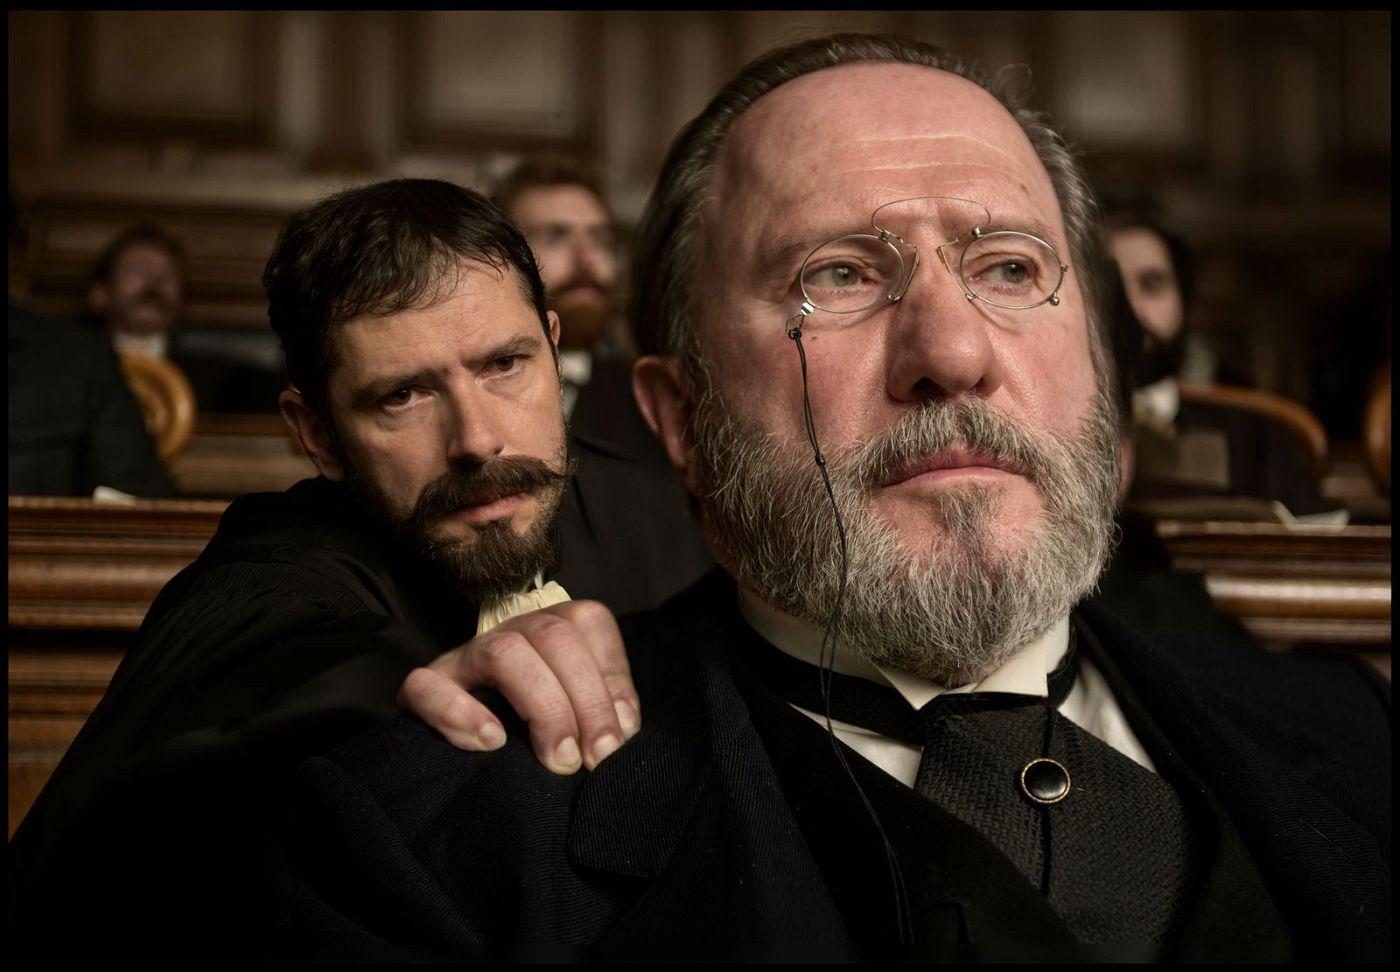 Der Schrifsteller Émile Zola (André Marcon, rechts) wird vor Gericht gestellt; sein Anwalt Fernand Labori (Melvil Poupaud) verteidigt ihn.